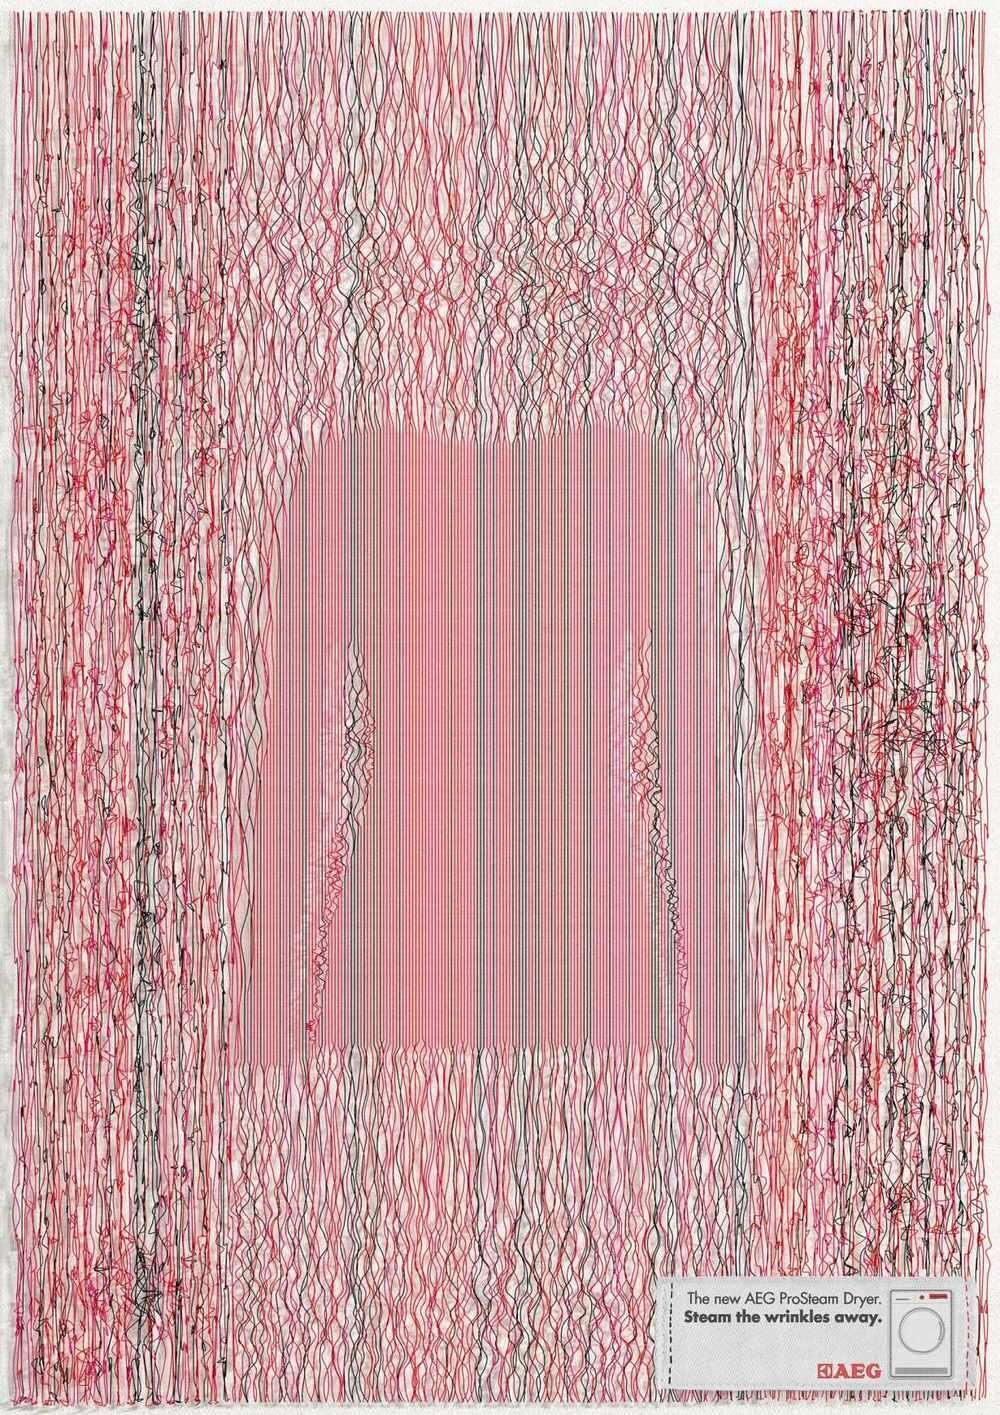 aeg_de-wrinkle_red_blouse_aotw.jpg